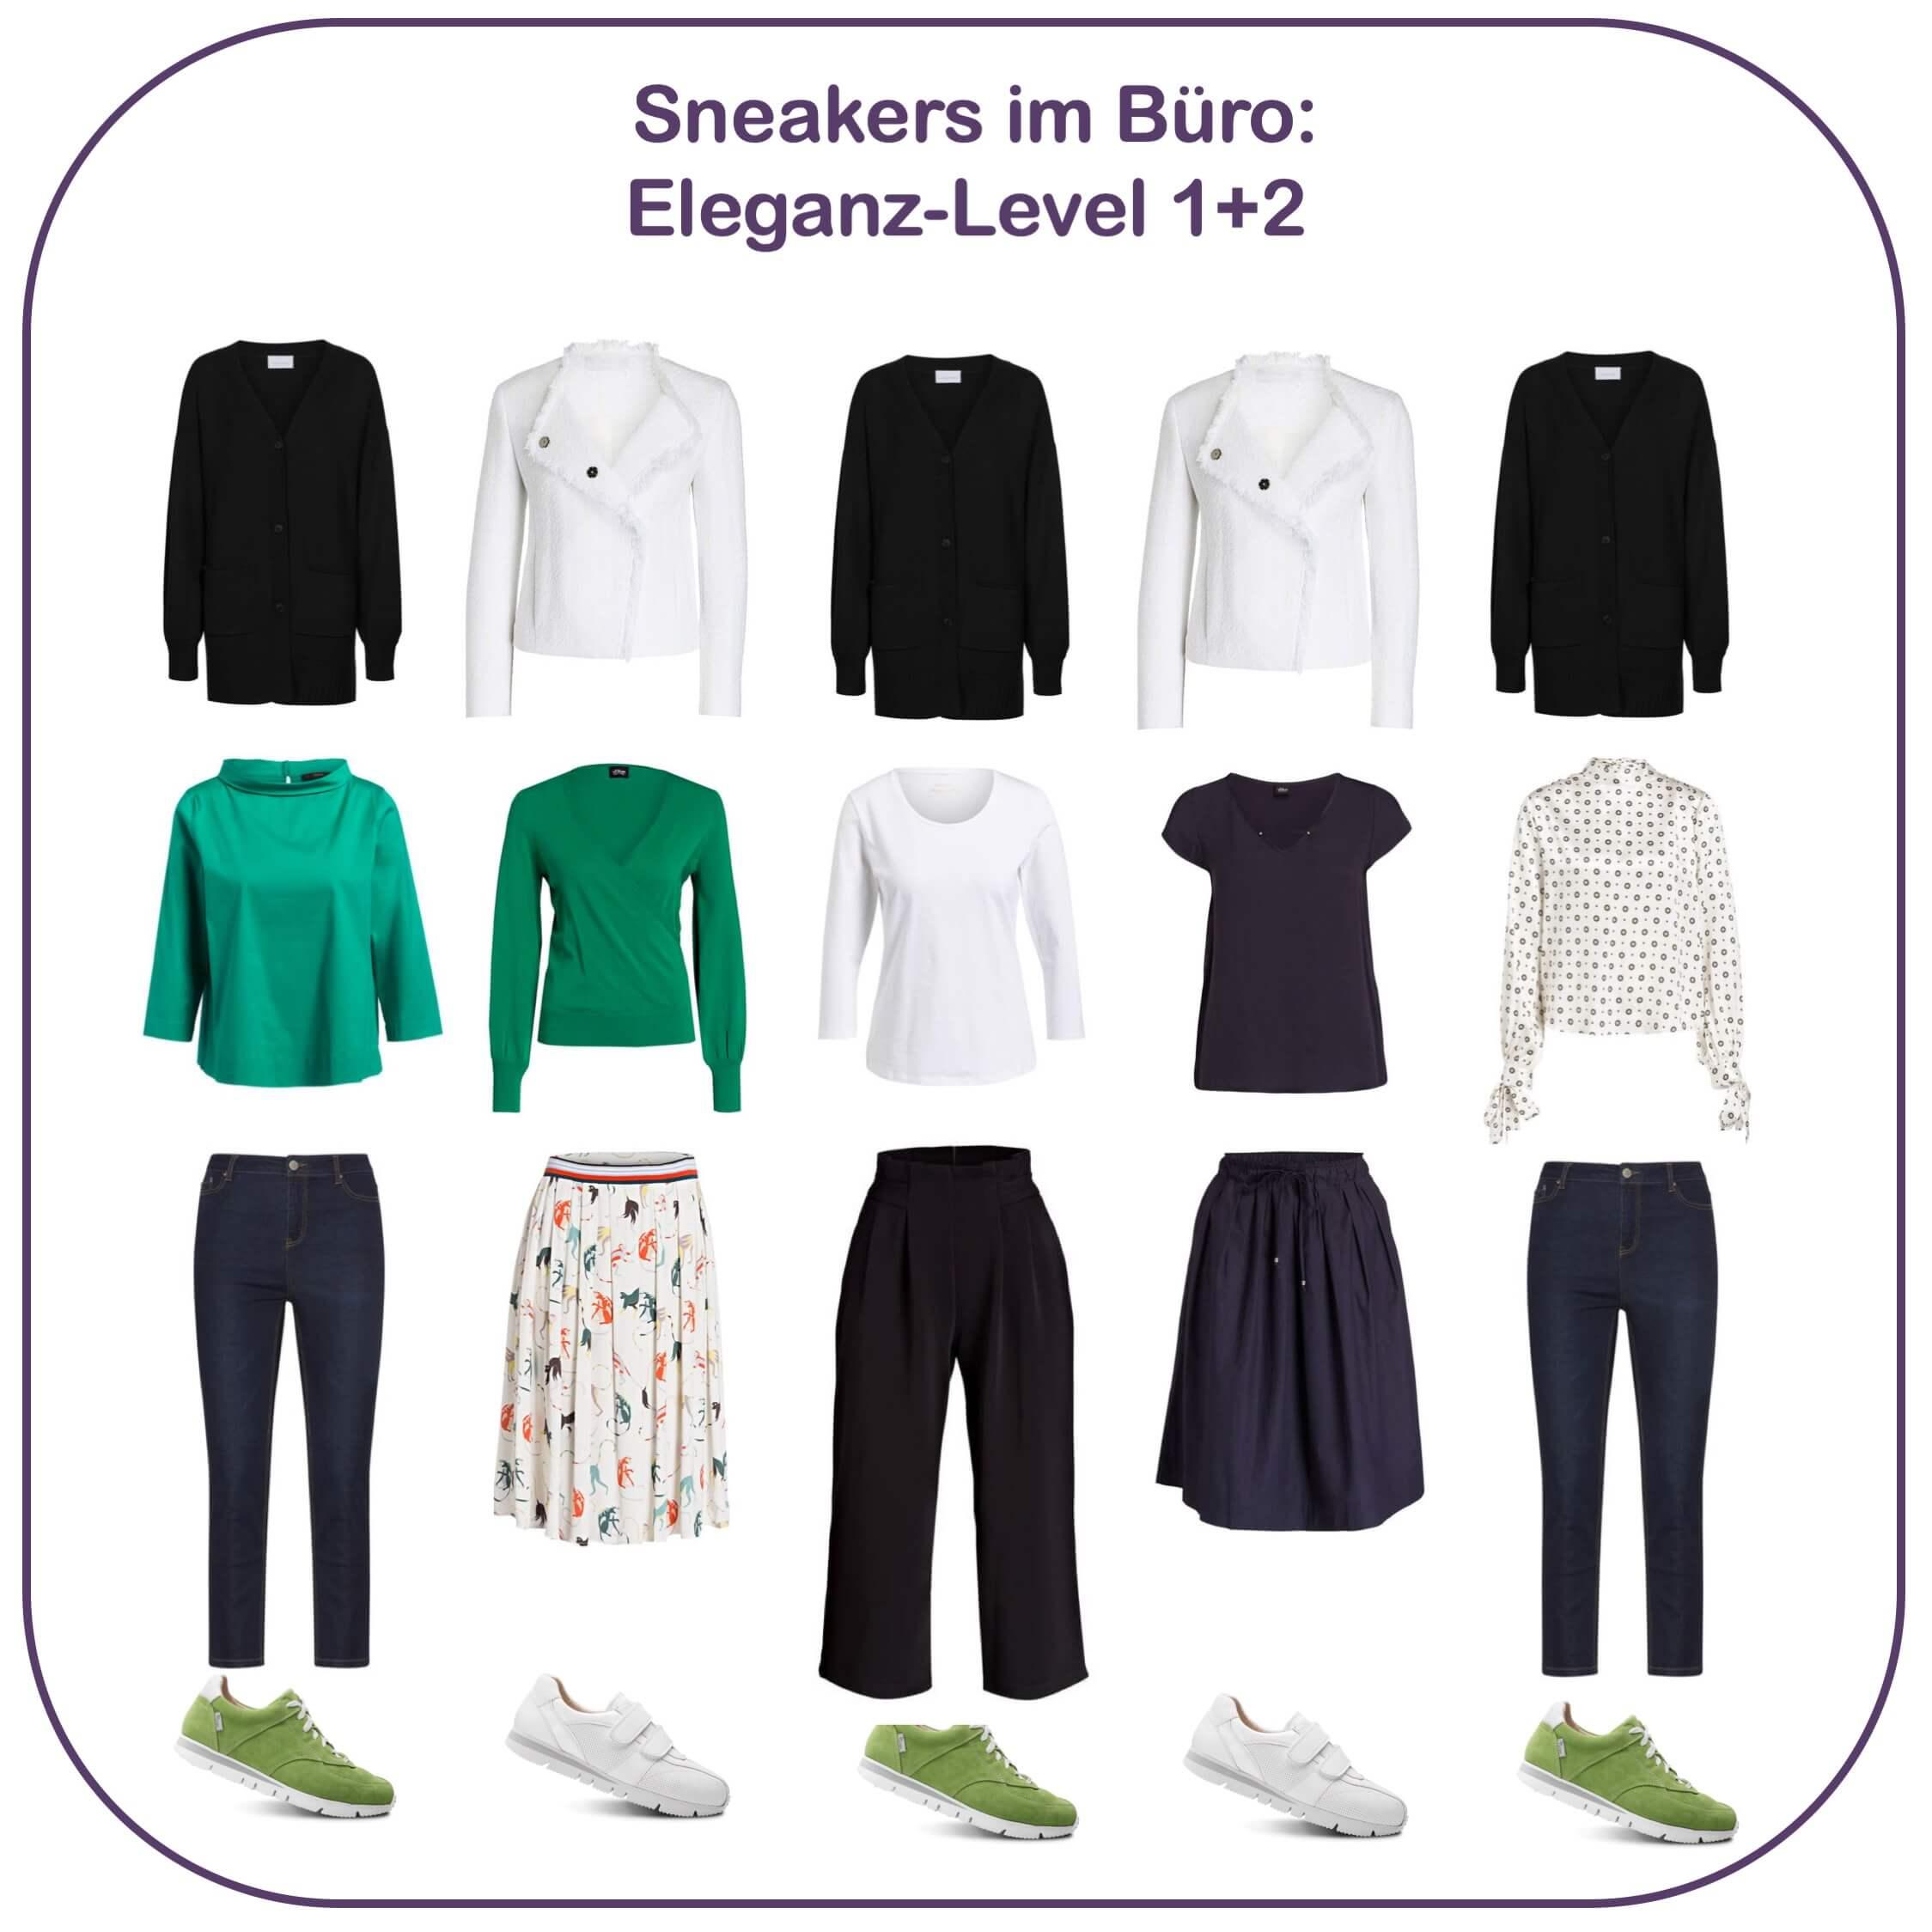 Sneakers im Büro - Eleganz-Level 1 und 2